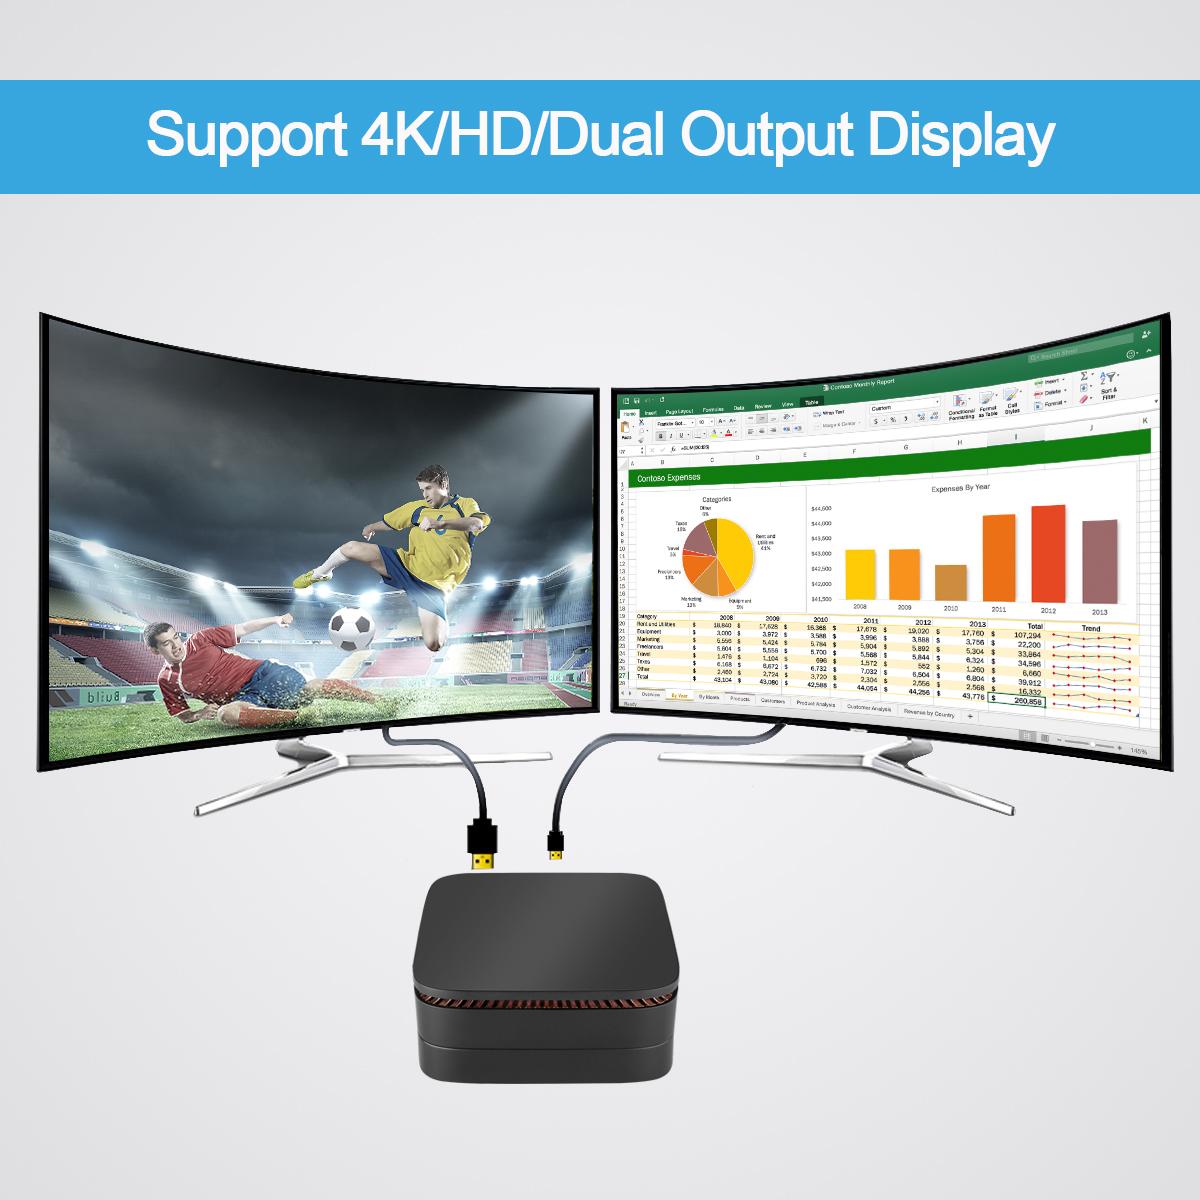 cheap mini pc case Apollo Lake celeron J3455 DDR3 64GB EMMC win 10 home server mini pc office computer